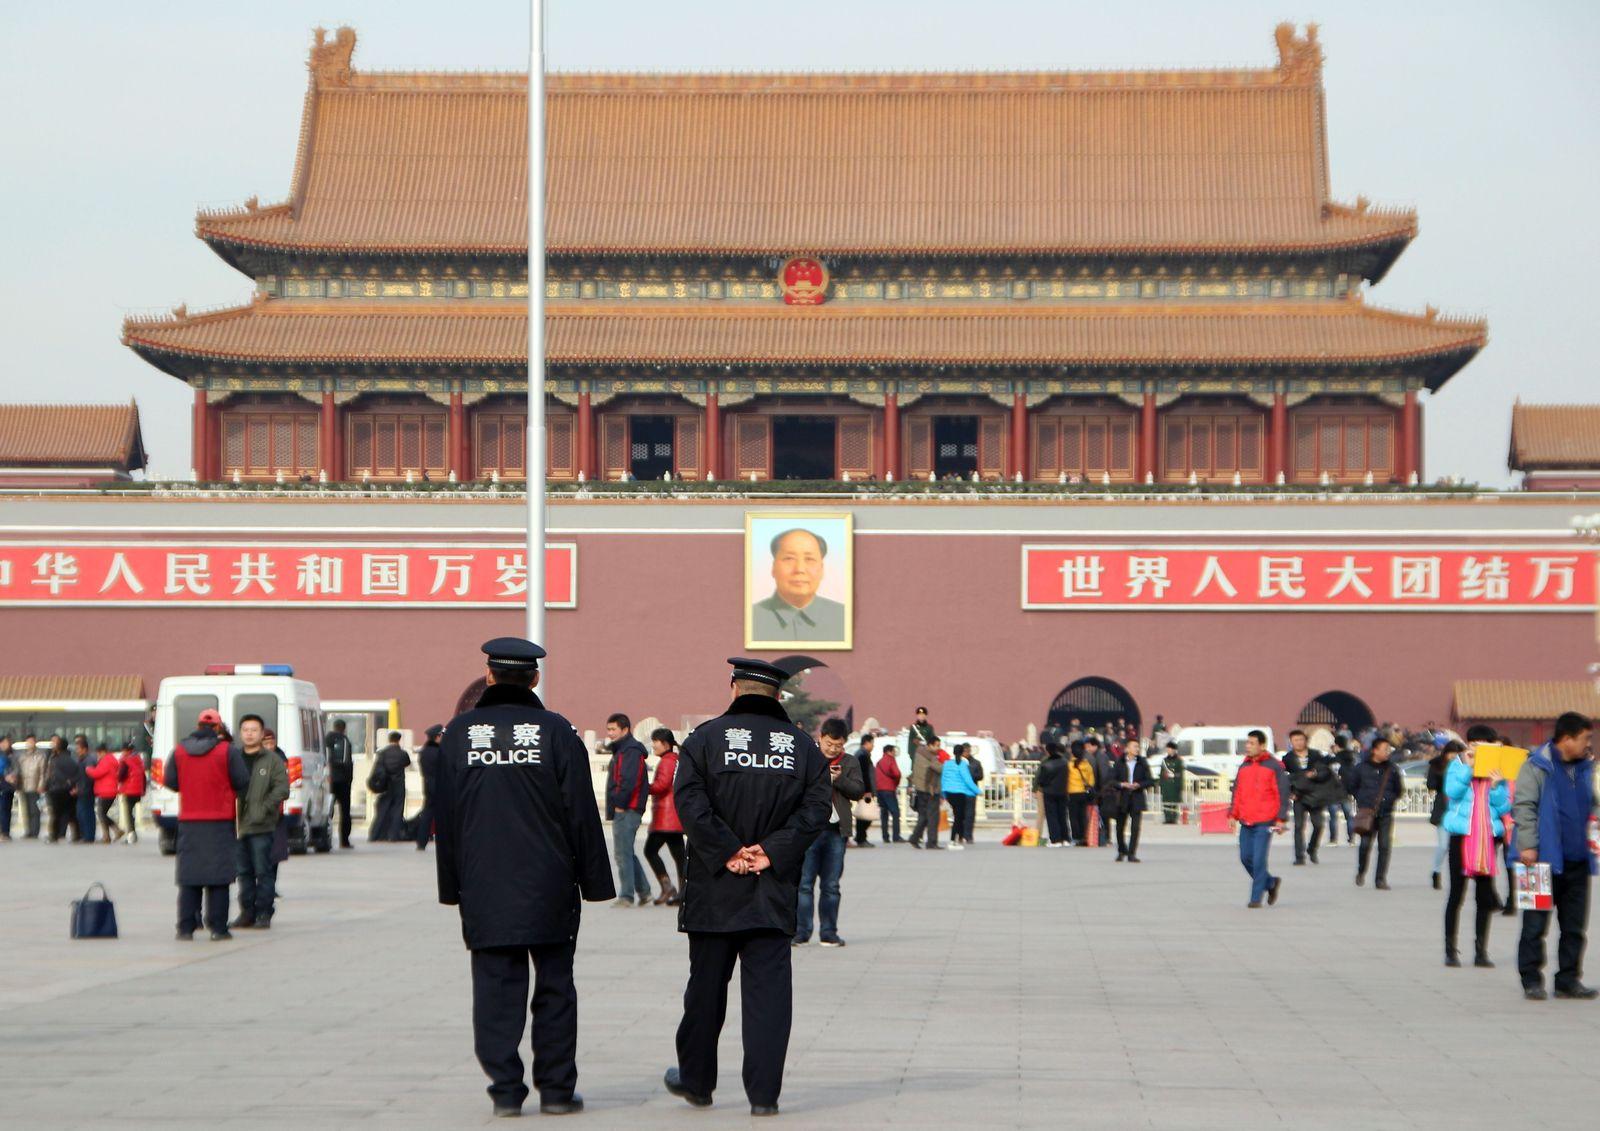 China / Polizei / Staat / peking